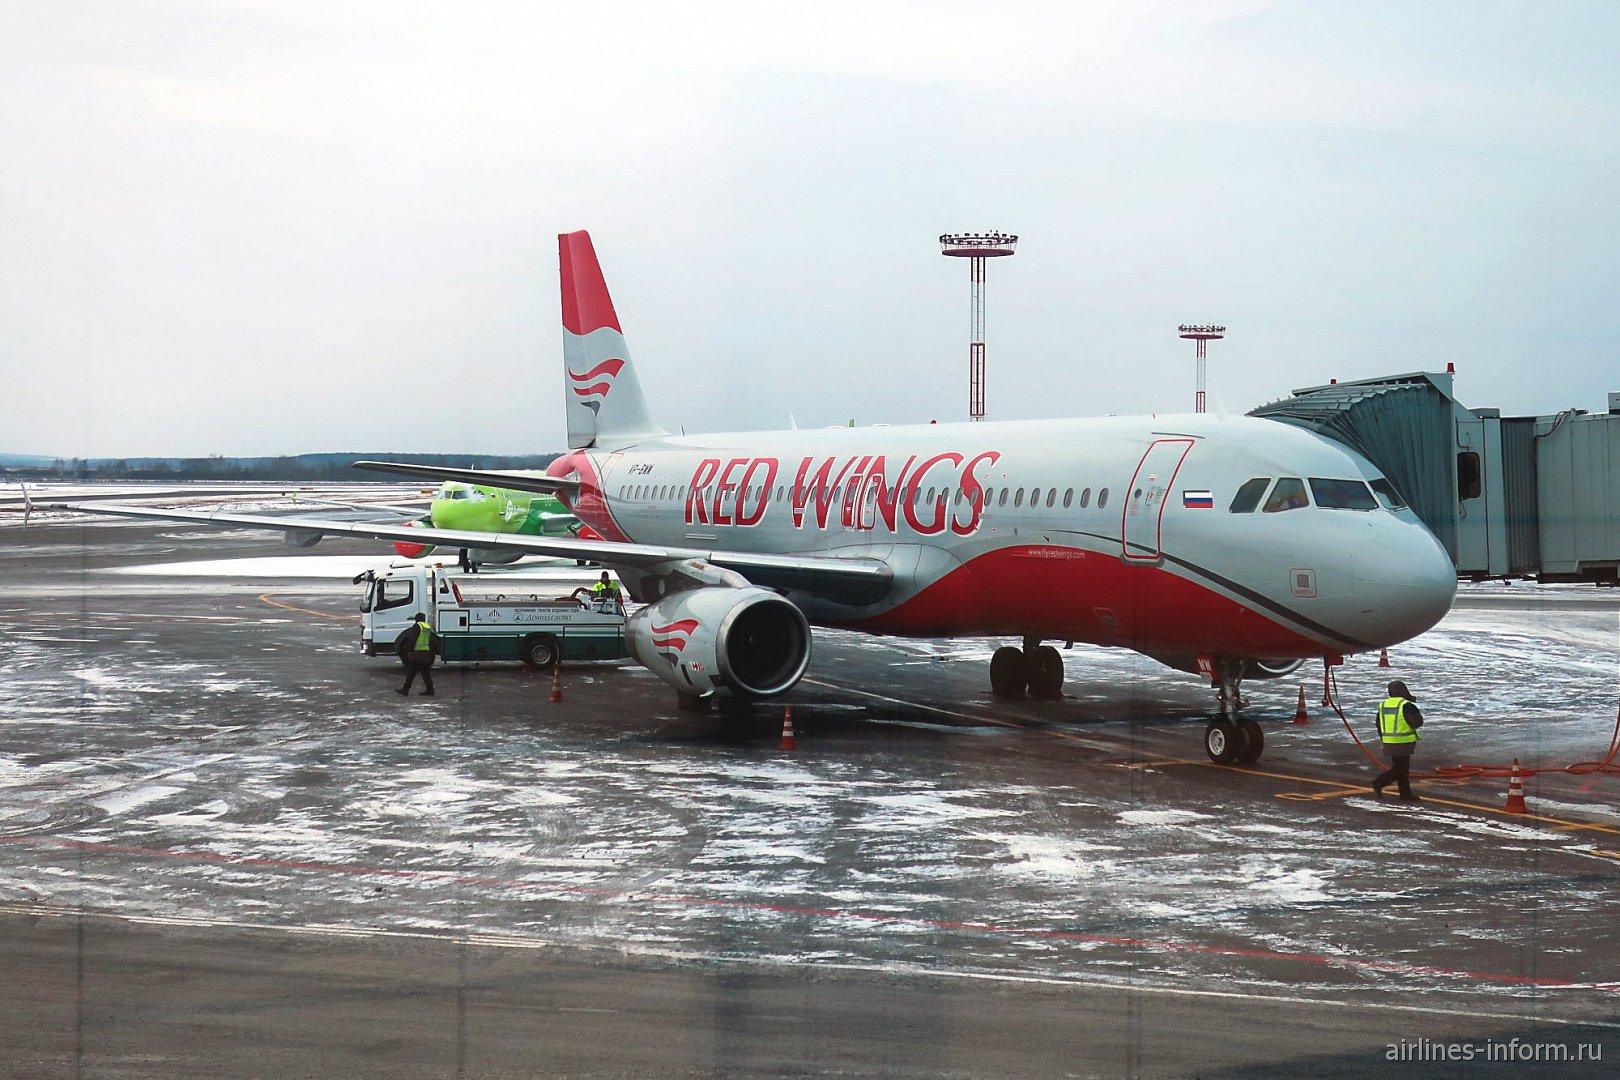 Краснодар-Москва рейсом авиакомпании Red Wings